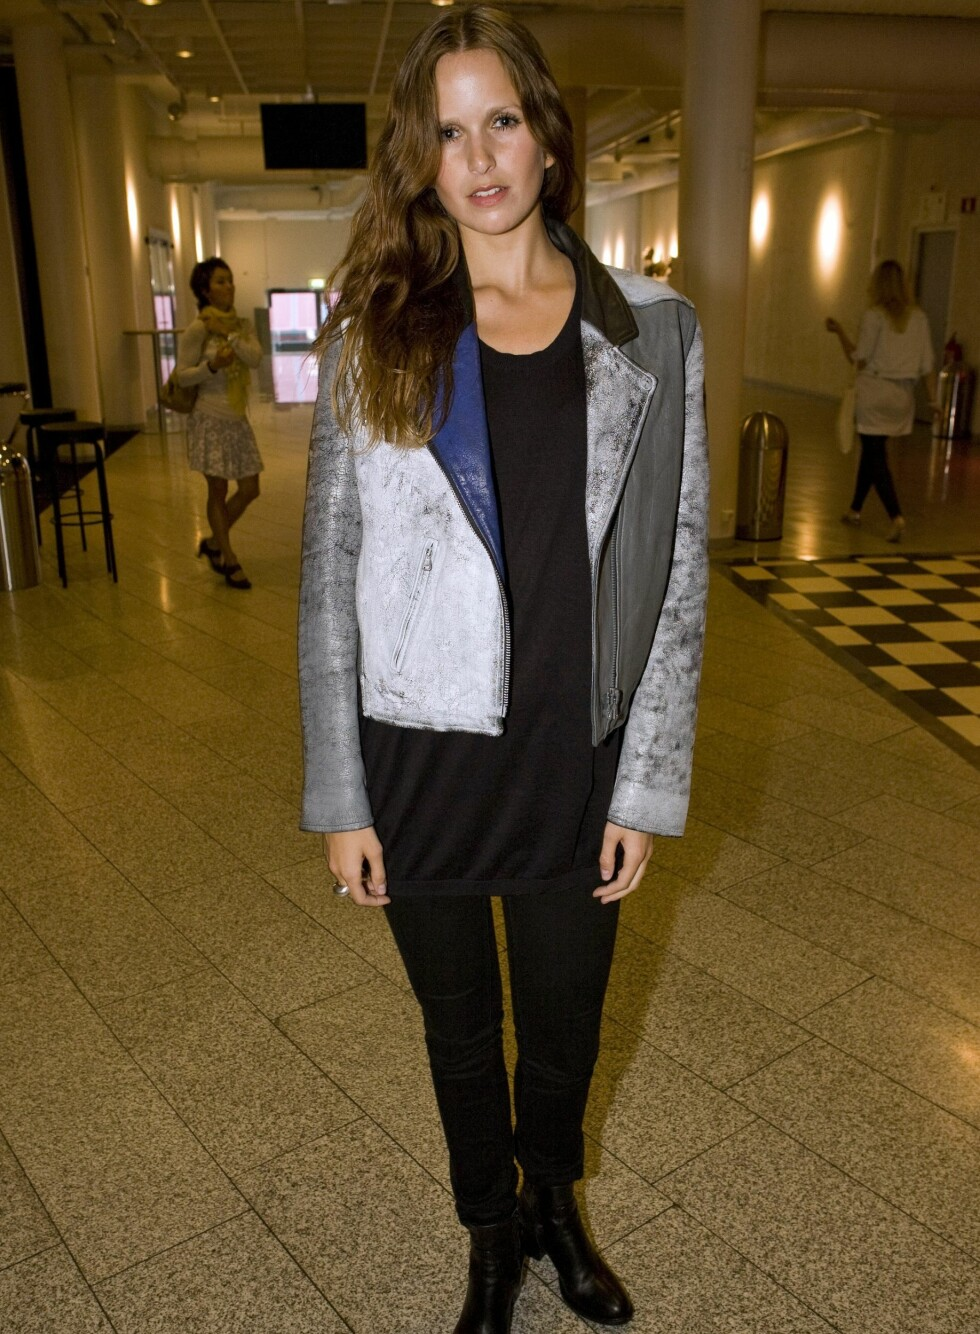 Modell og eks-Top Model-finalist Henriette Stenbeck så avslappet og silsikker ut i sin skinnjakke fra Acne og topp fra samme merke. - Jeg vet faktisk ikke hvor buksa er fra, men skoene kjøpte jeg i hvert fall i Italia, forteller hun.